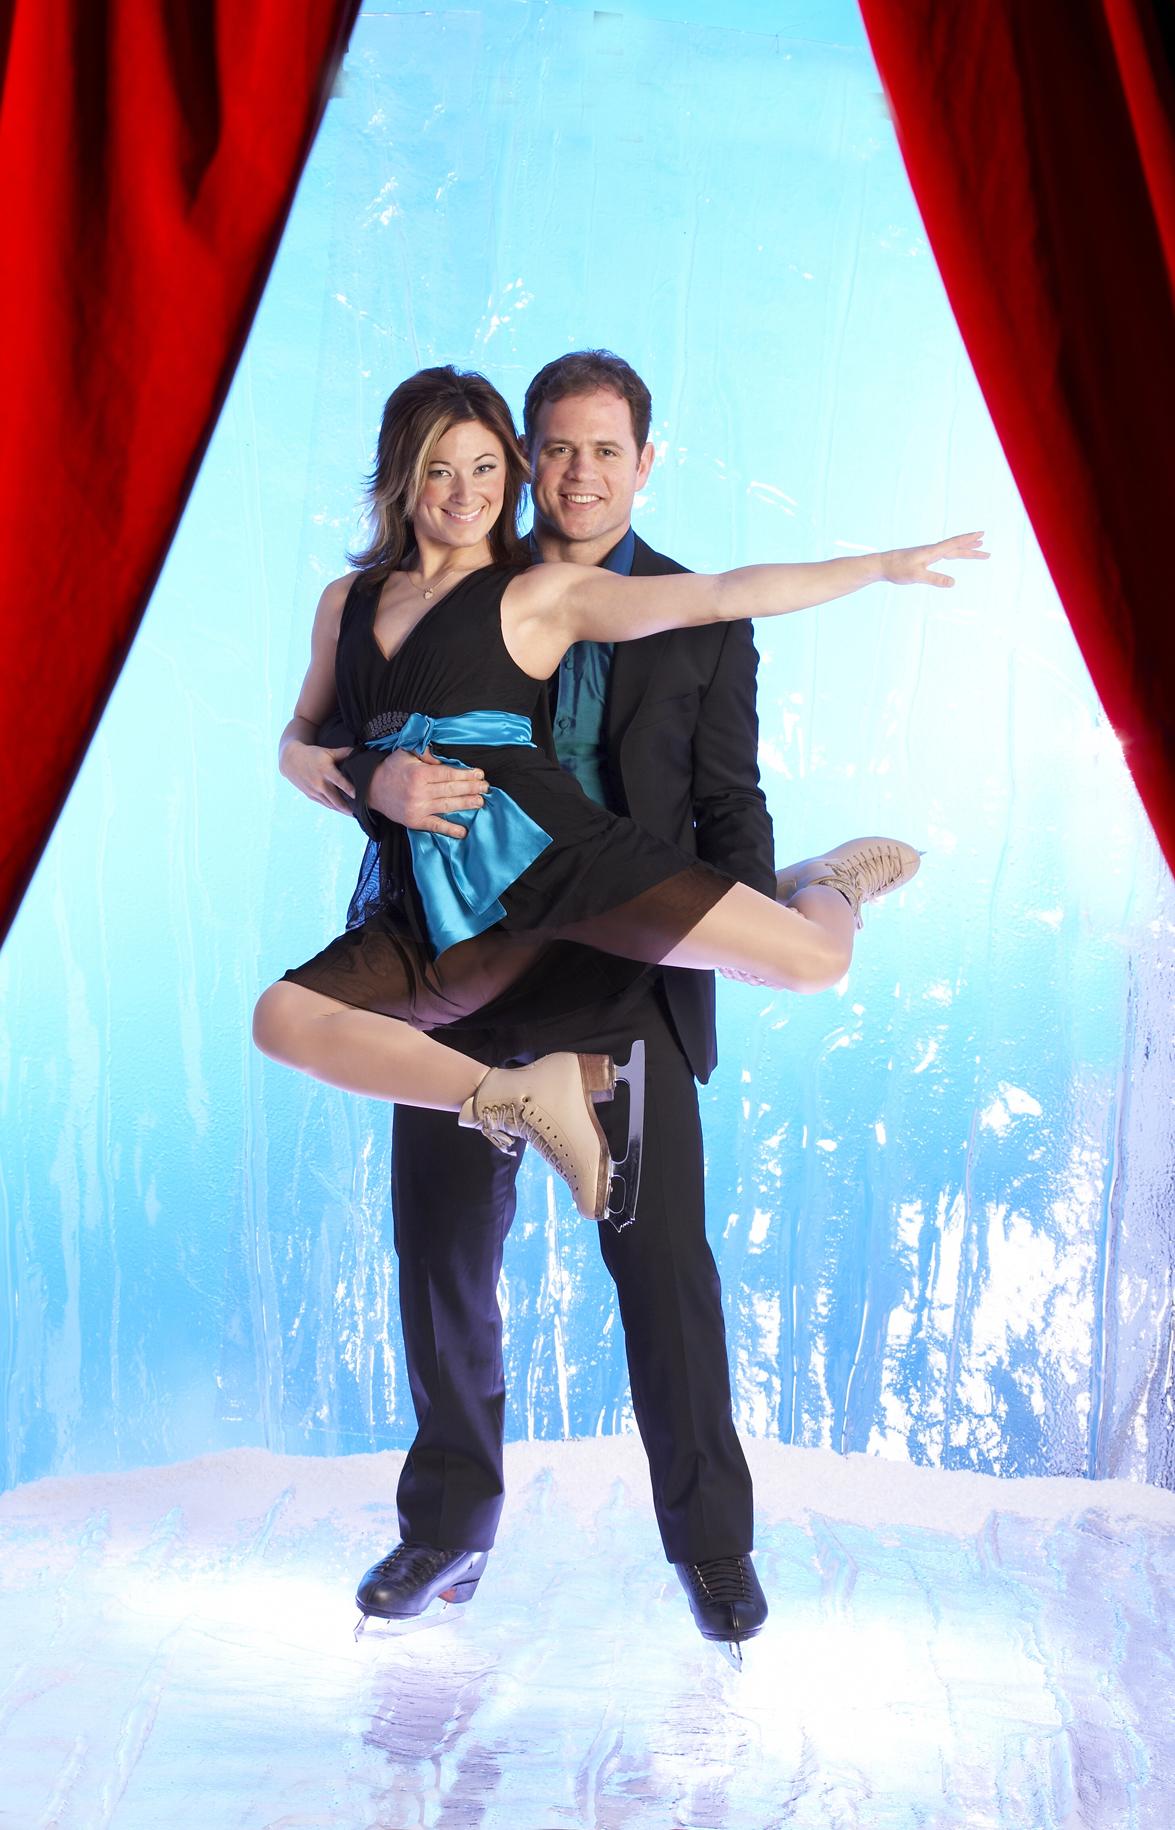 dancing on ice - photo #26